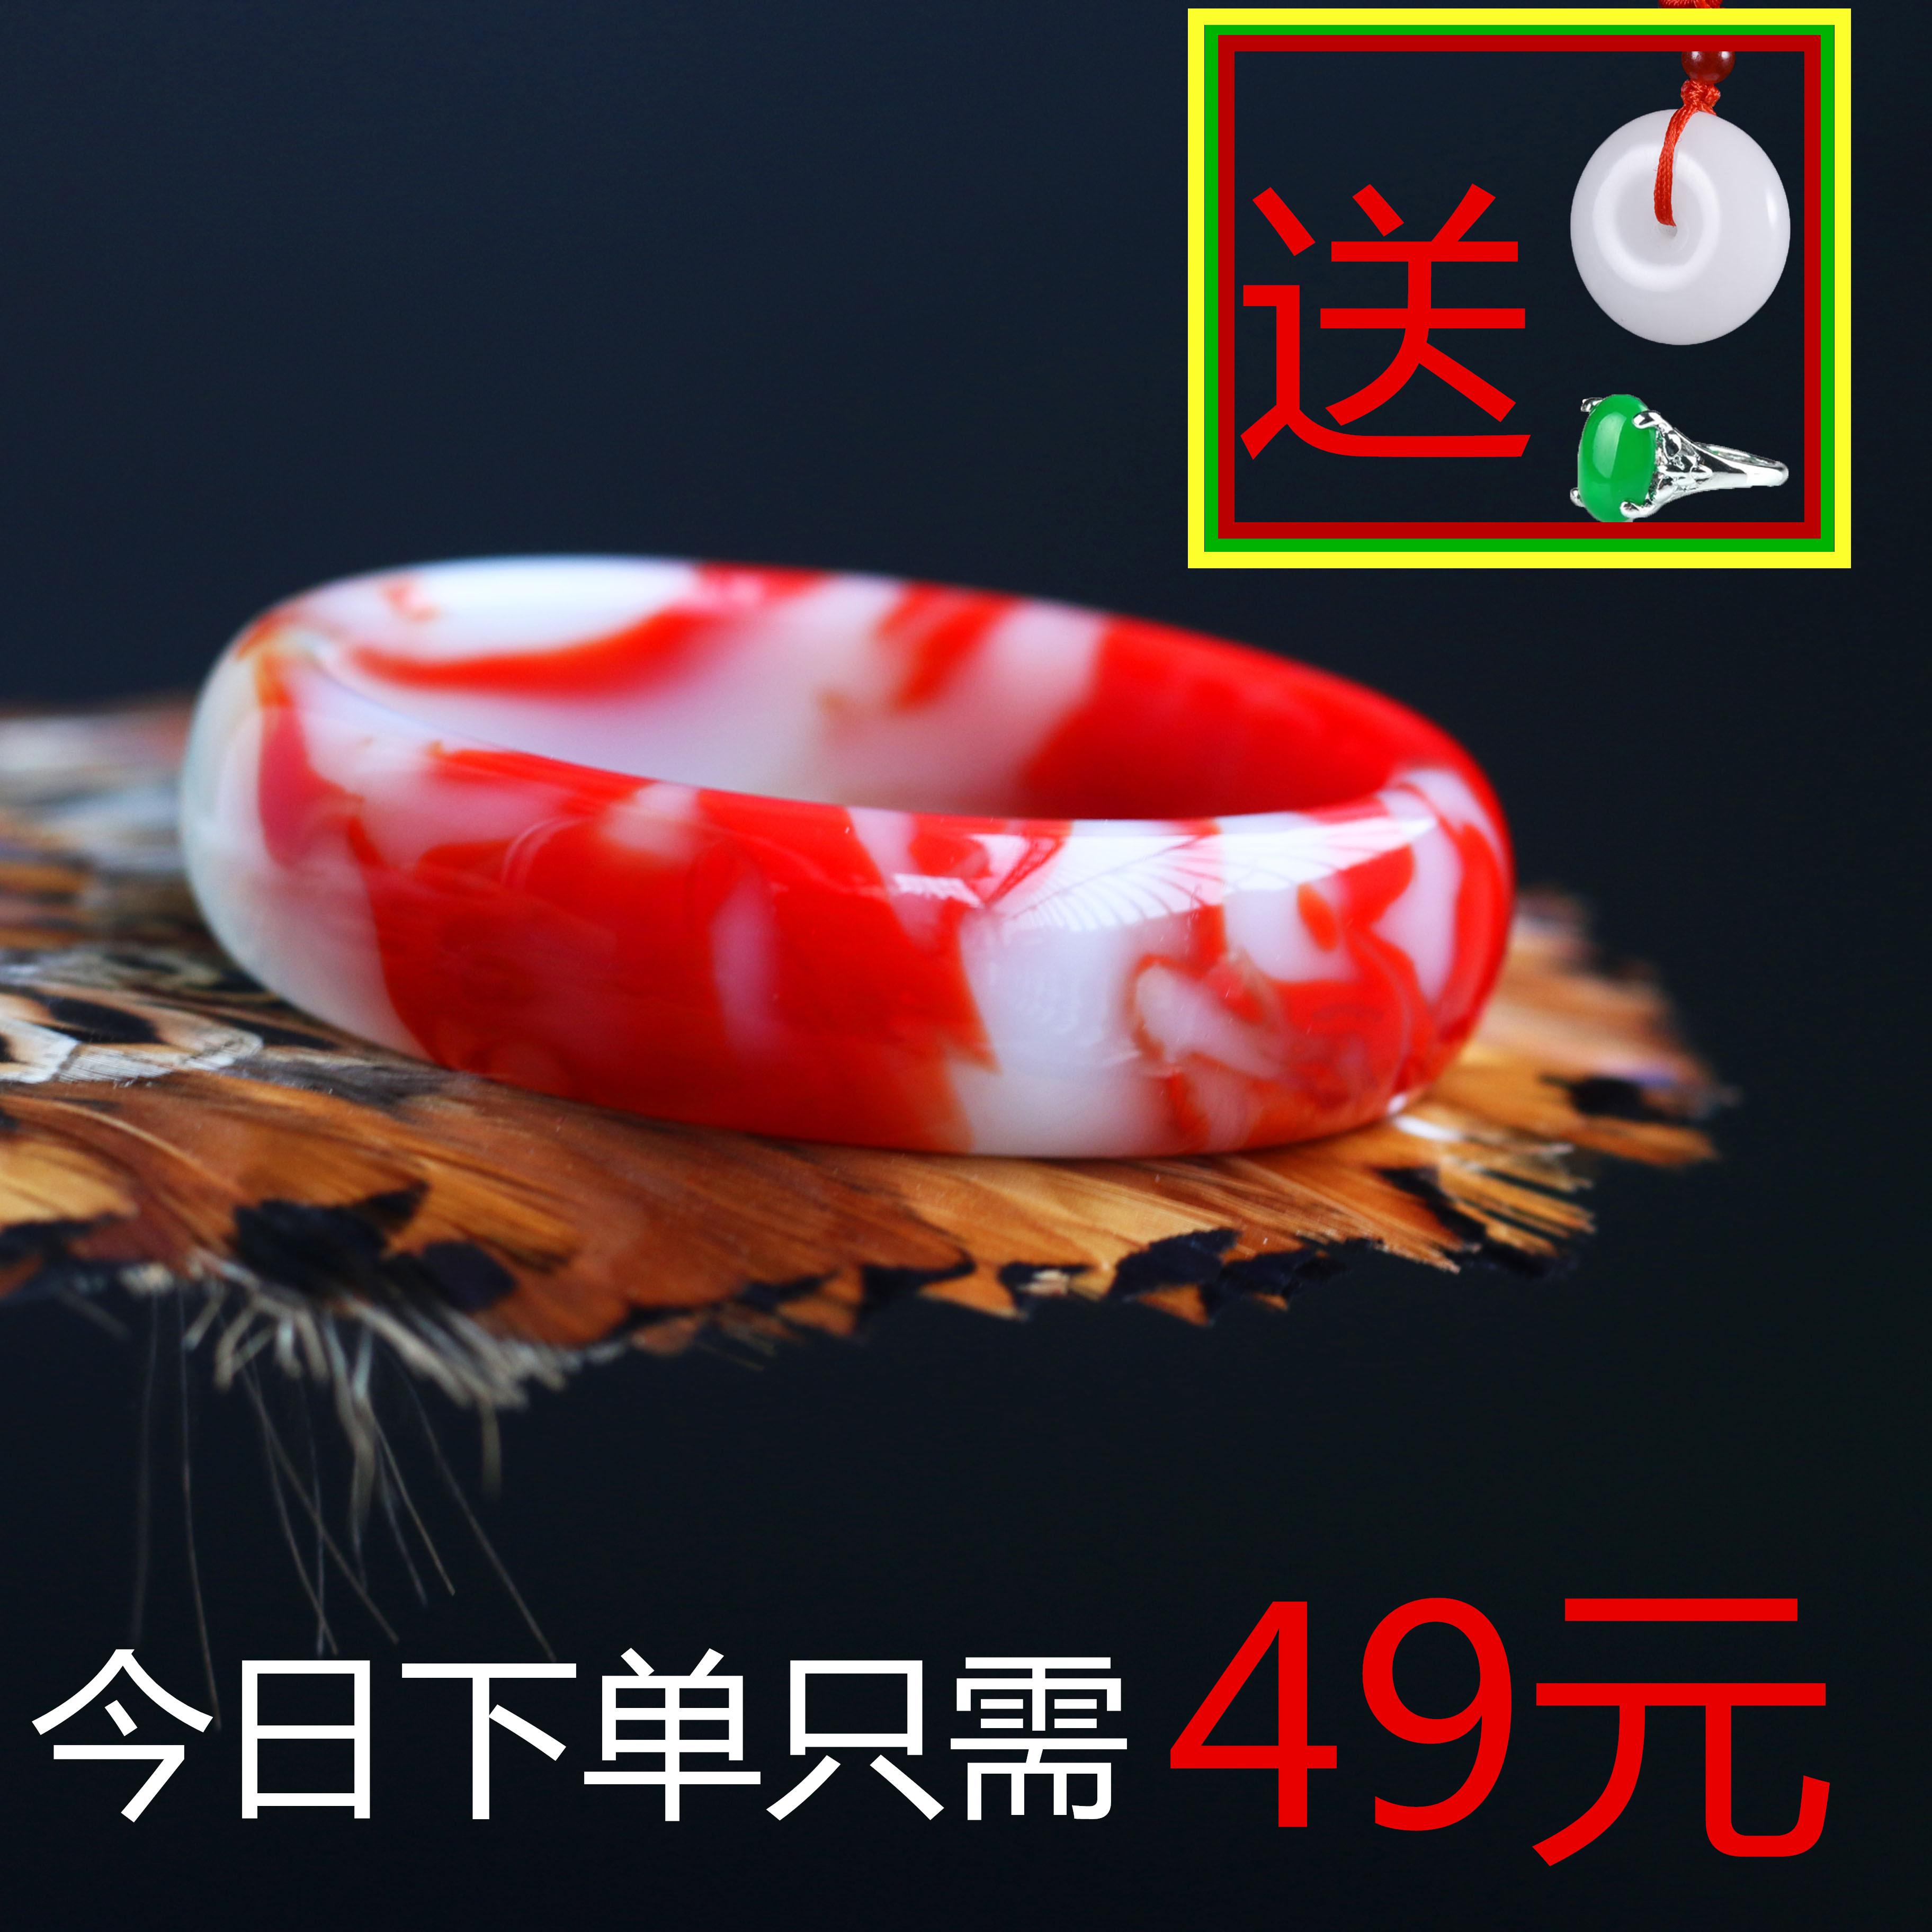 Браслет из нефрита новый Кровь границы и Tian Yuji красный Bangle и Tian Yupiao красный Браслет браслет нефрита нефрита нефрита нефрита